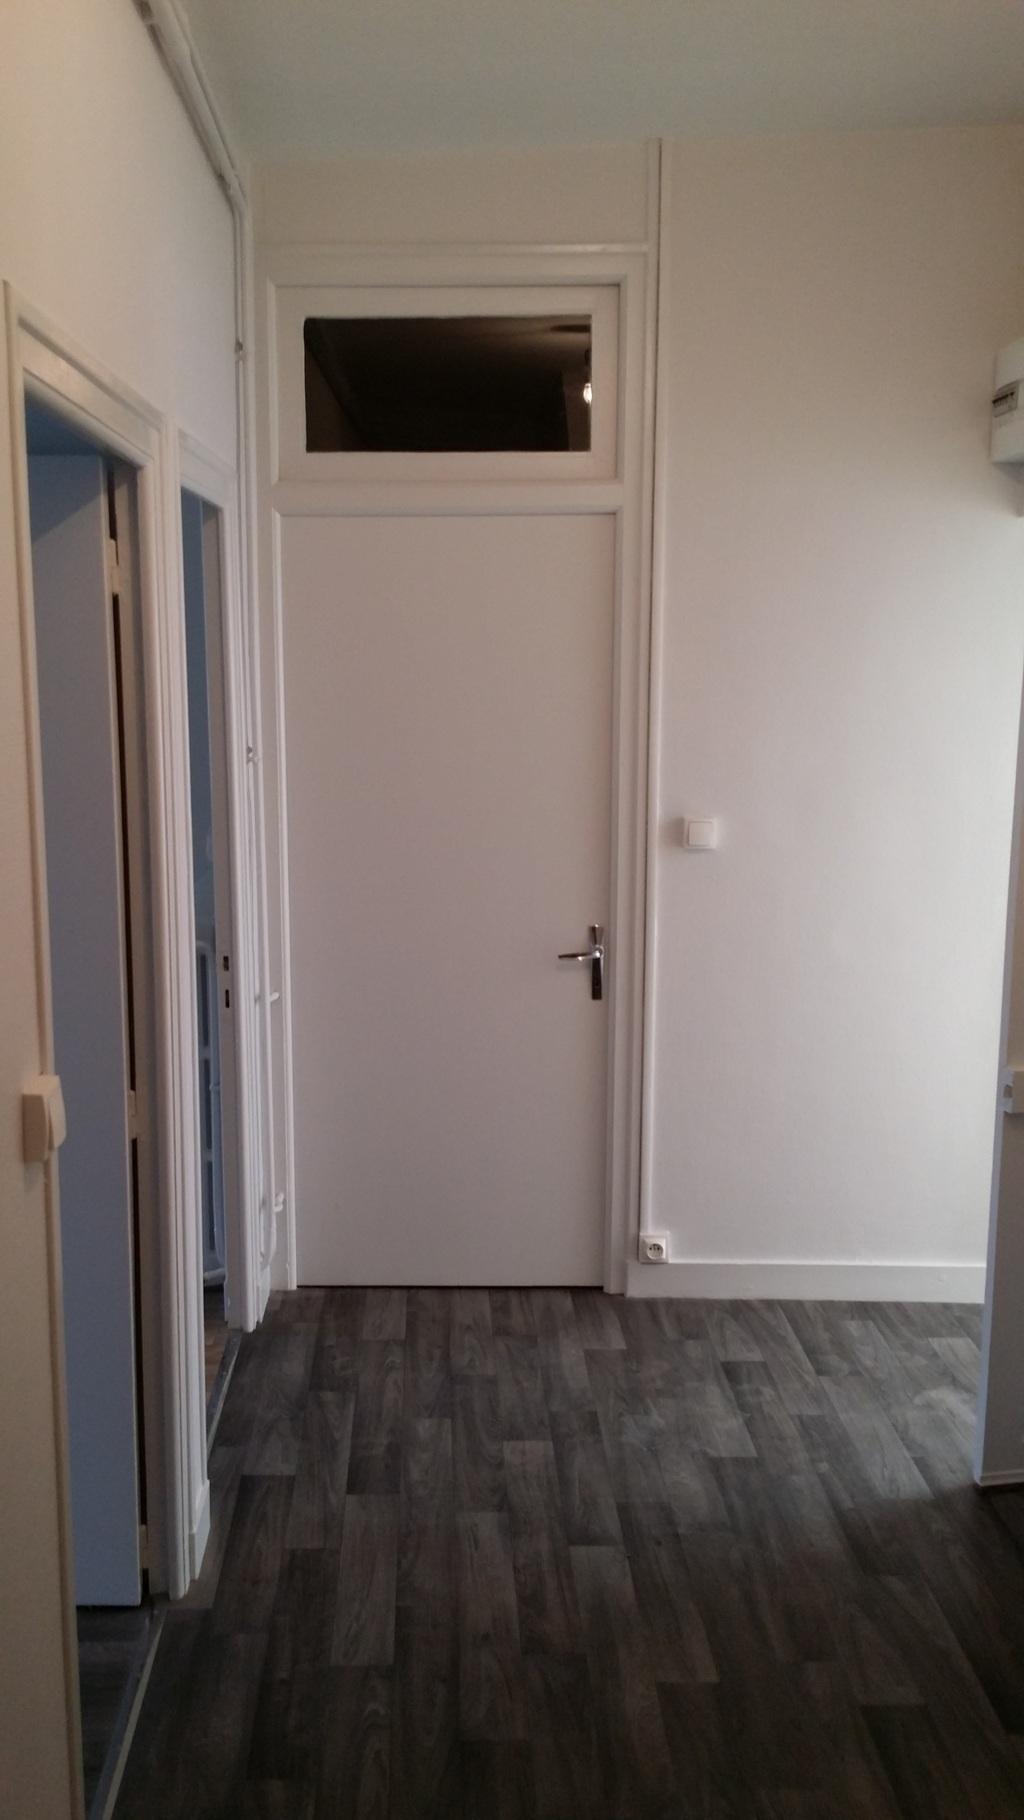 1er étage : Palier ouvrant sur la salle de bain